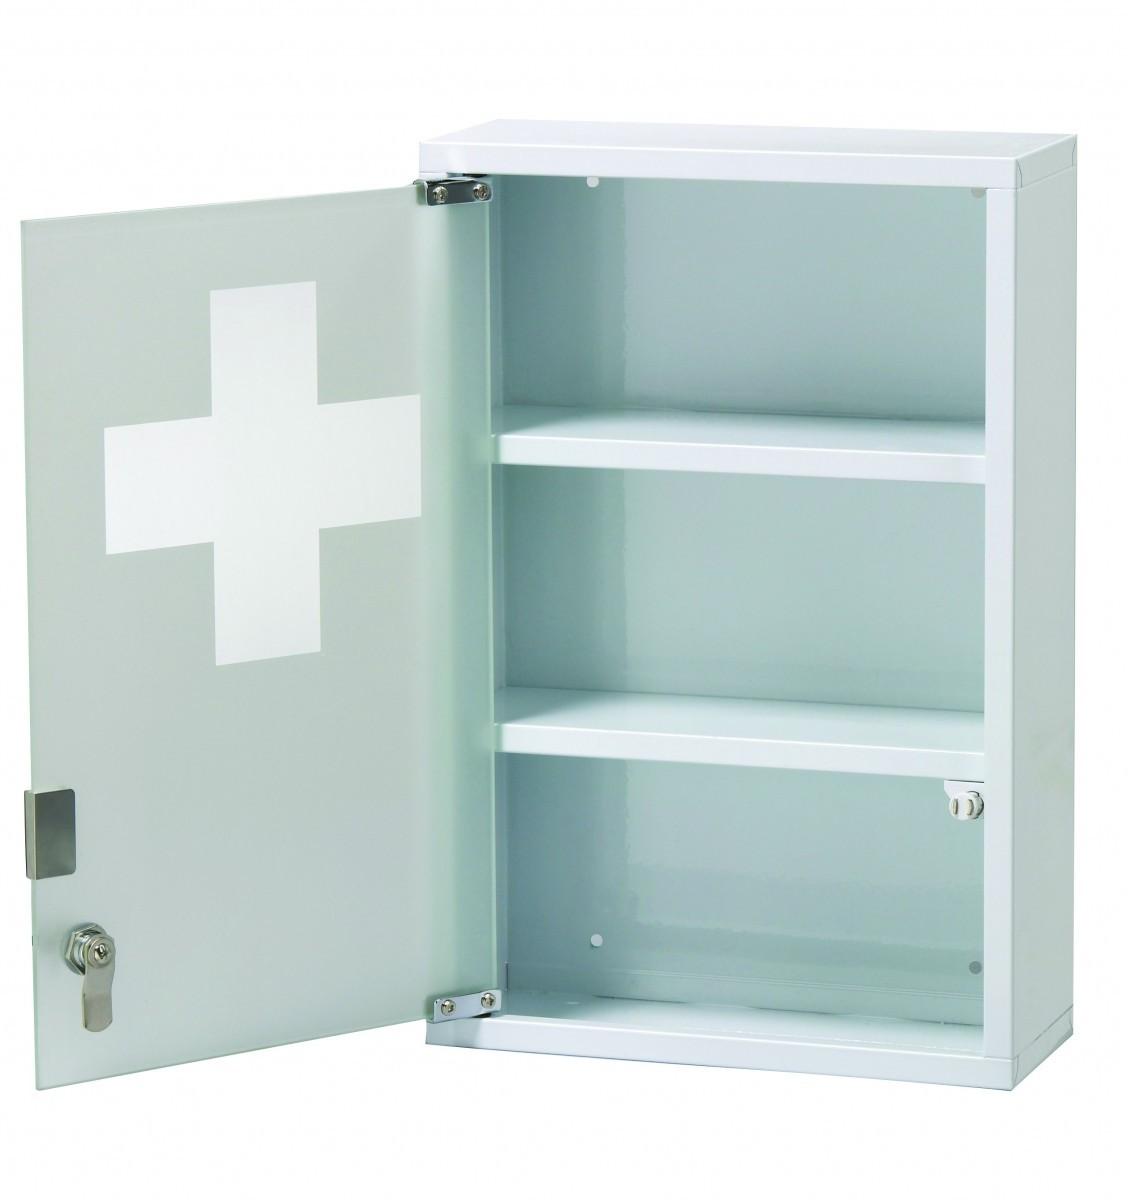 armoire a pharmacie murale rossignol  armoire  idées de